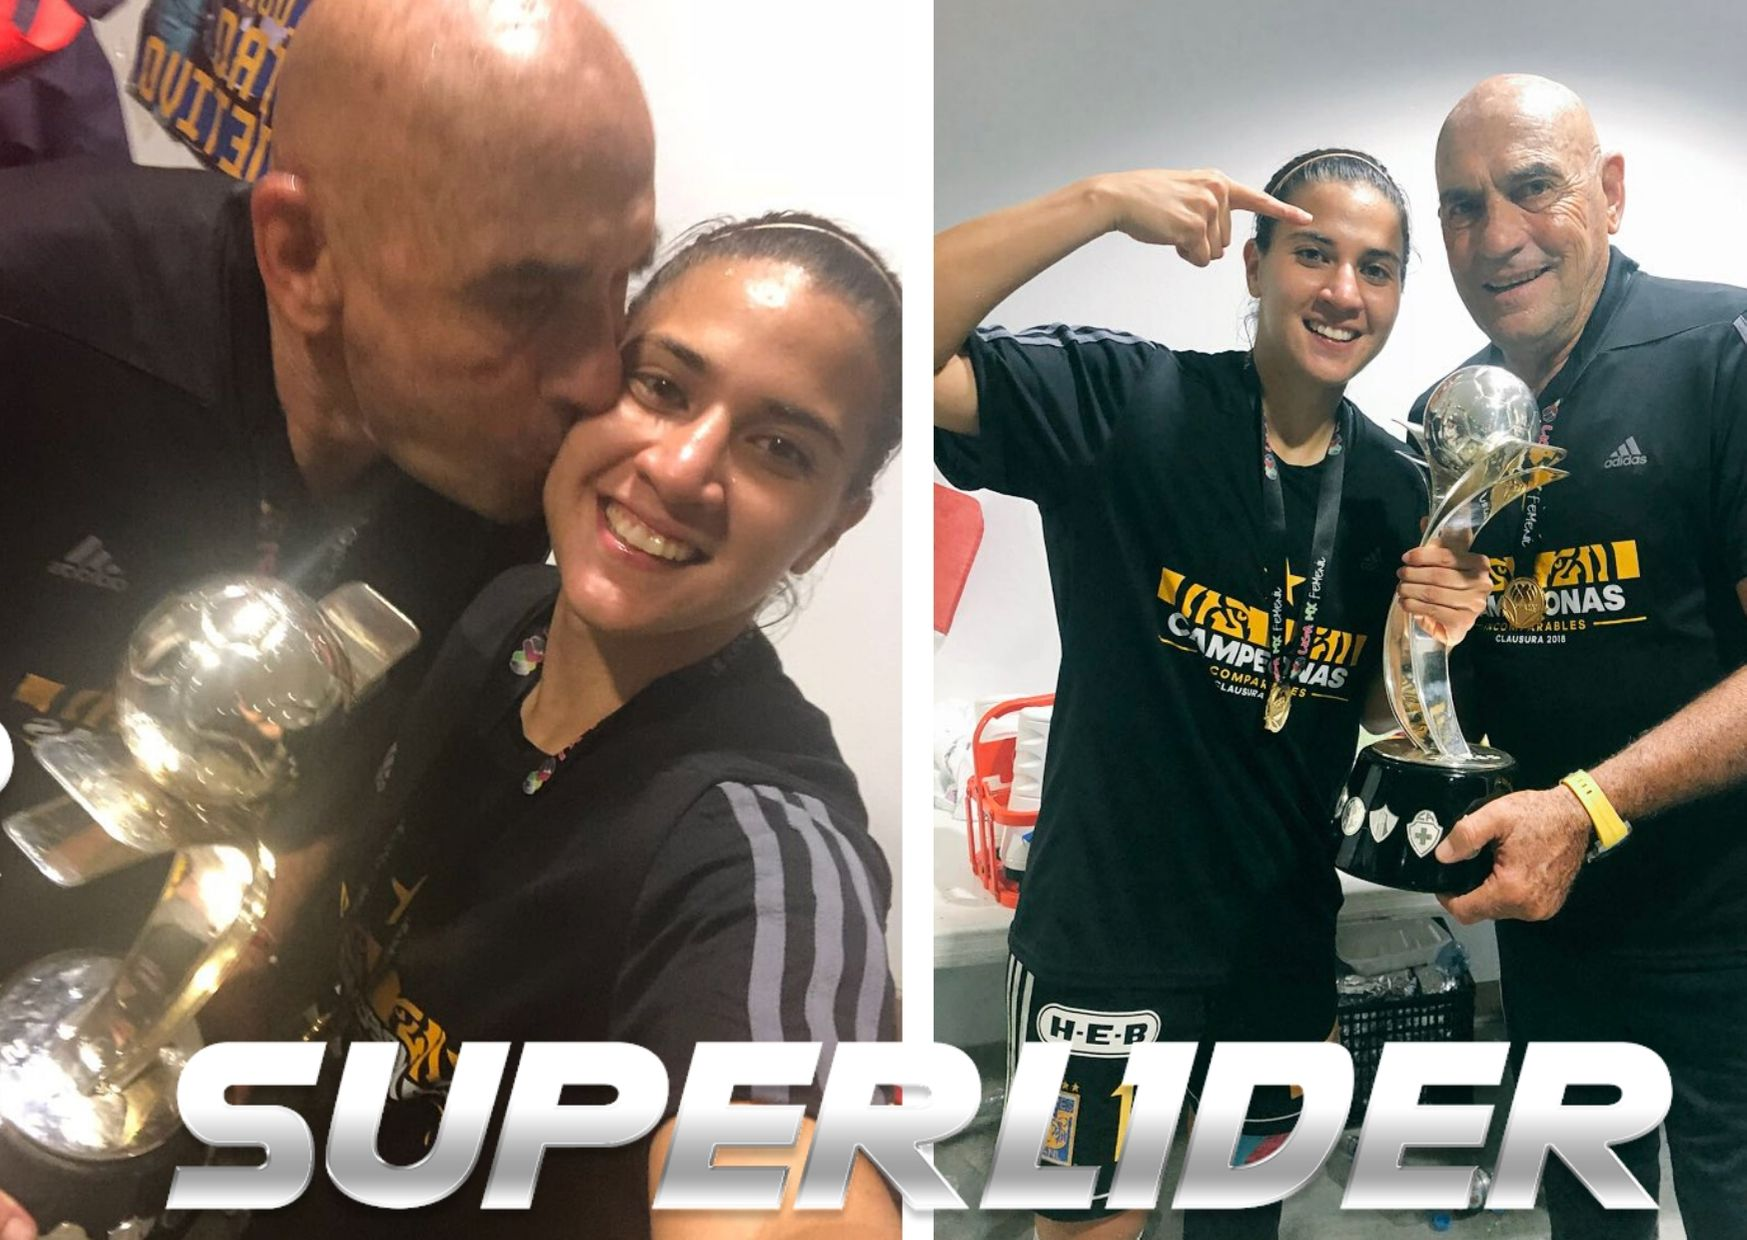 ¡Felicitación hasta el cielo! Nayeli Rangel felicita a Osvaldo Batocletti con emotivo mensaje